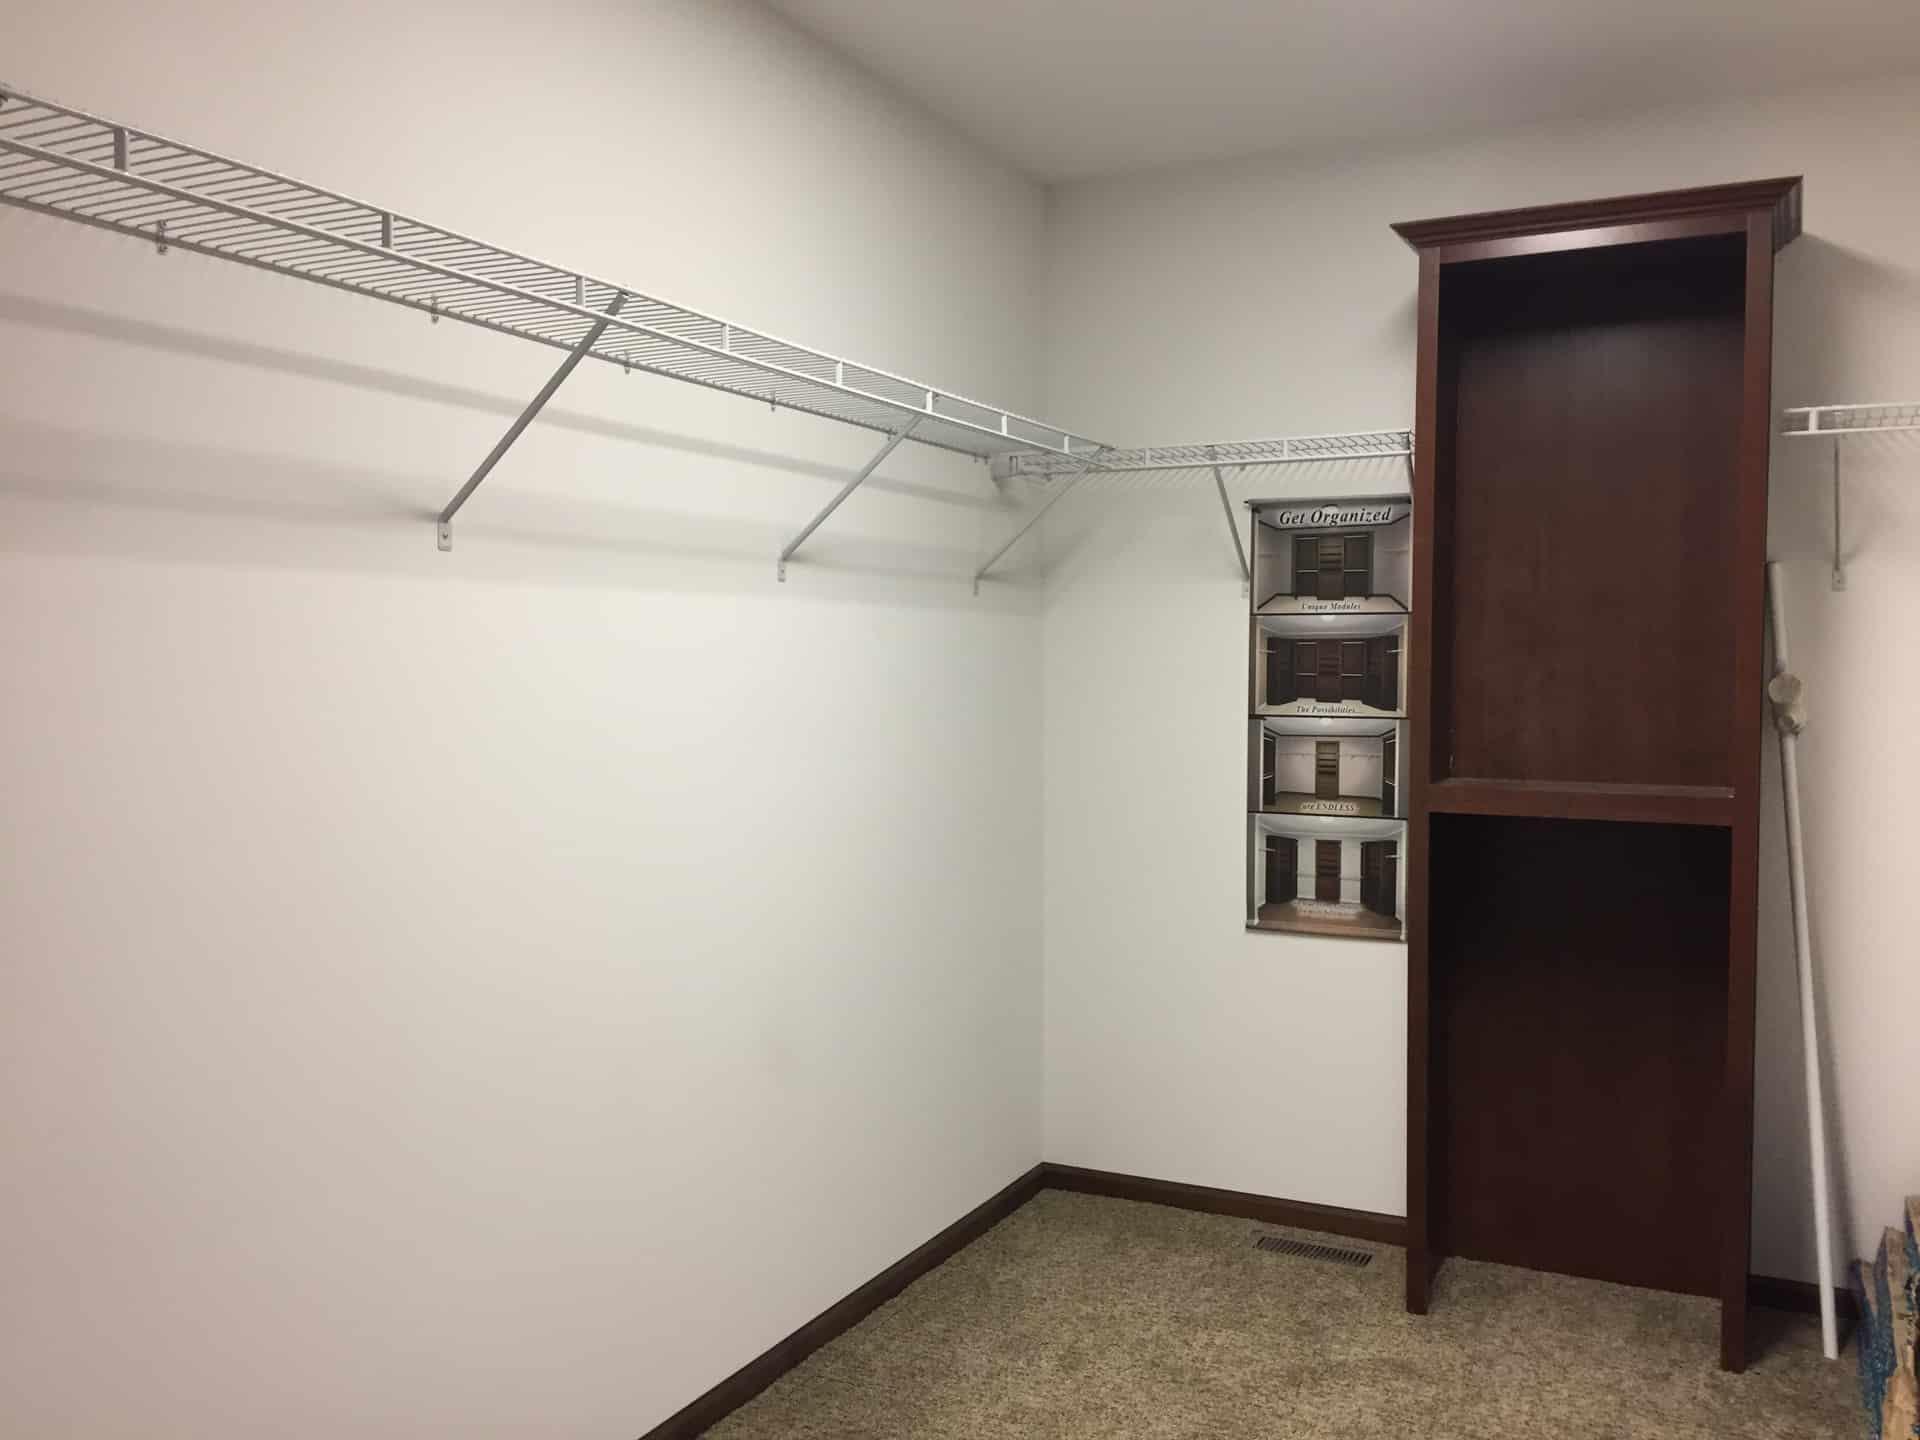 Lionel walk-in closet